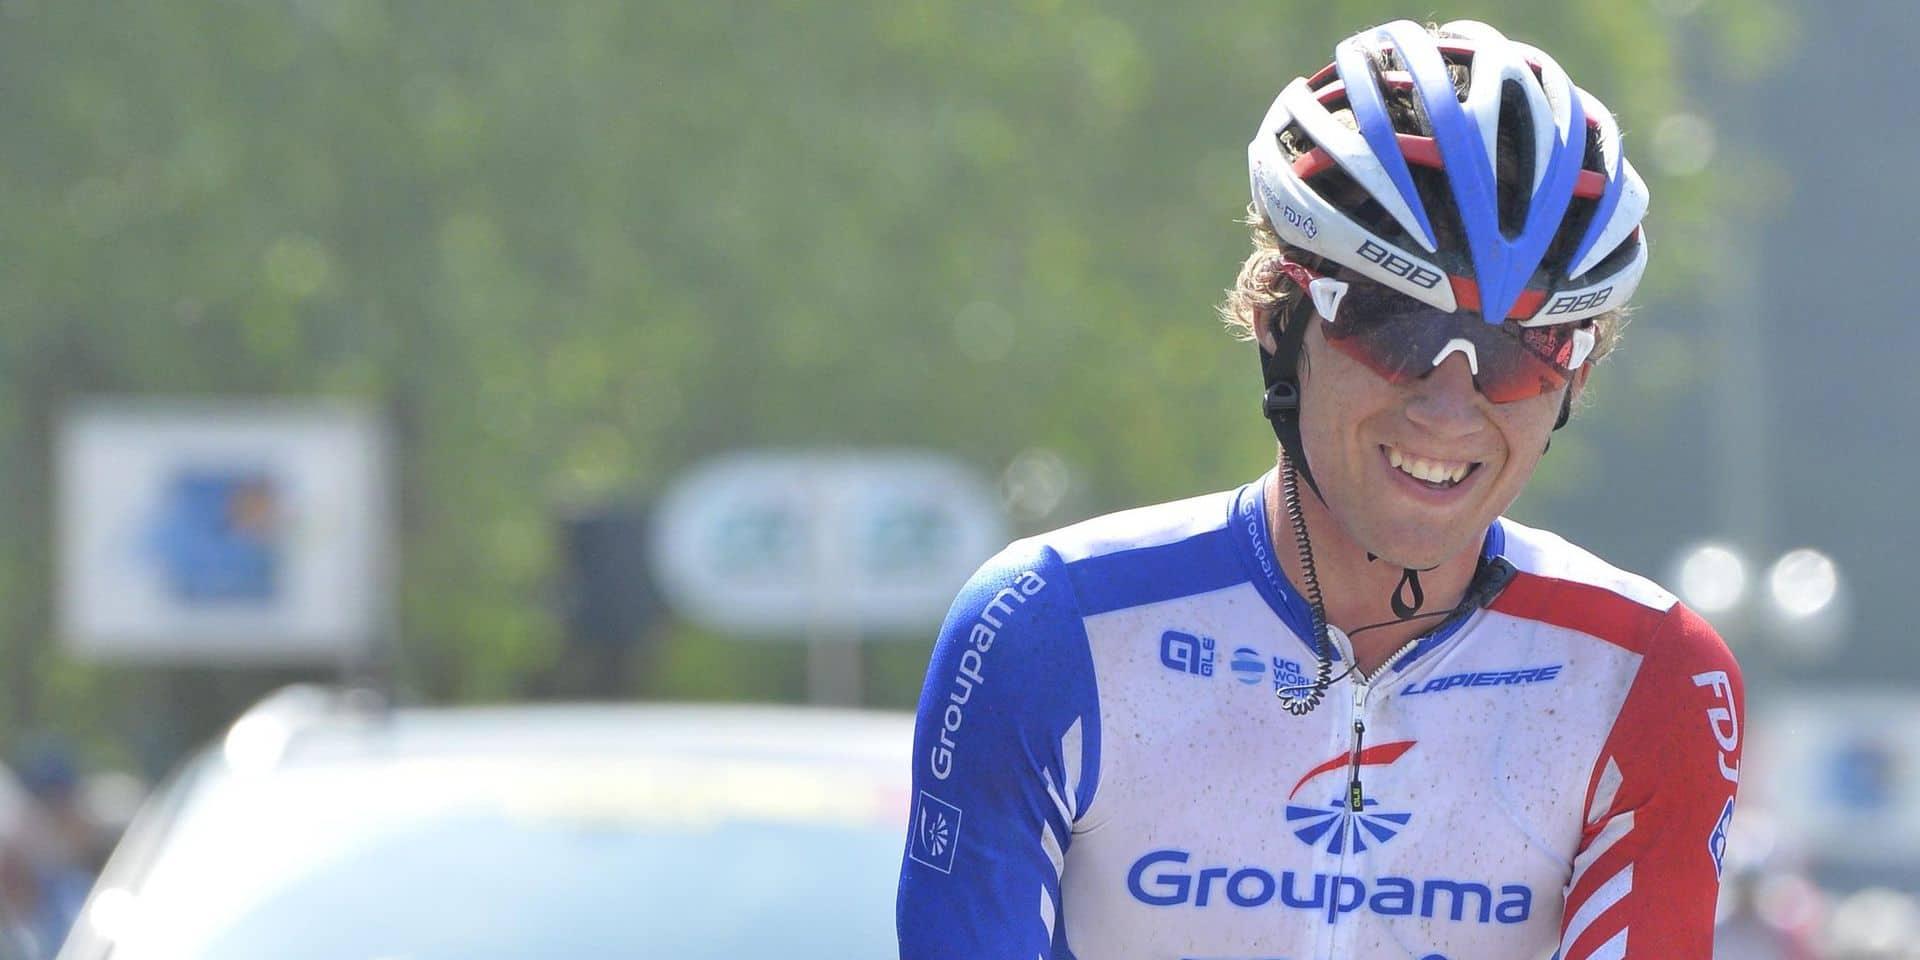 Les news vélo du jour : des victoires, le revenant Landis, une fin de carrière et une disparition d'équipe